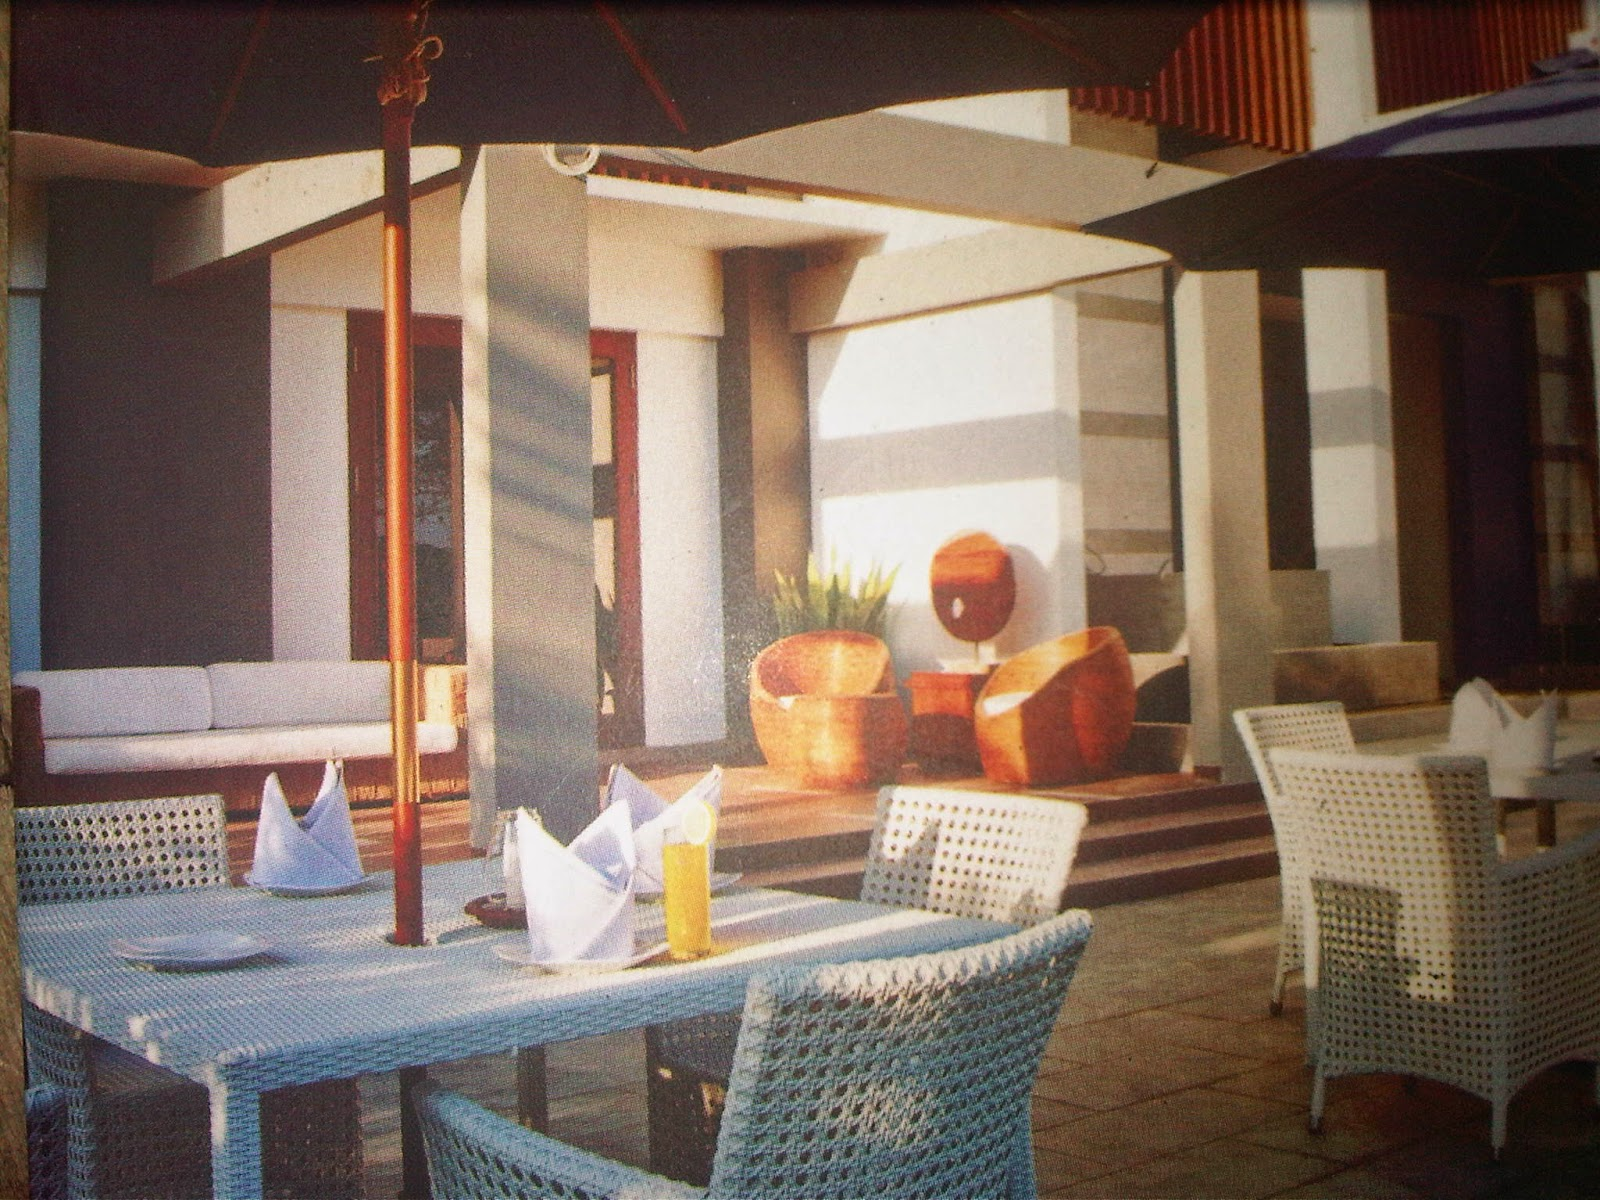 http://pantaiku-ini.blogspot.com/2014/07/hotel-berbintang.html